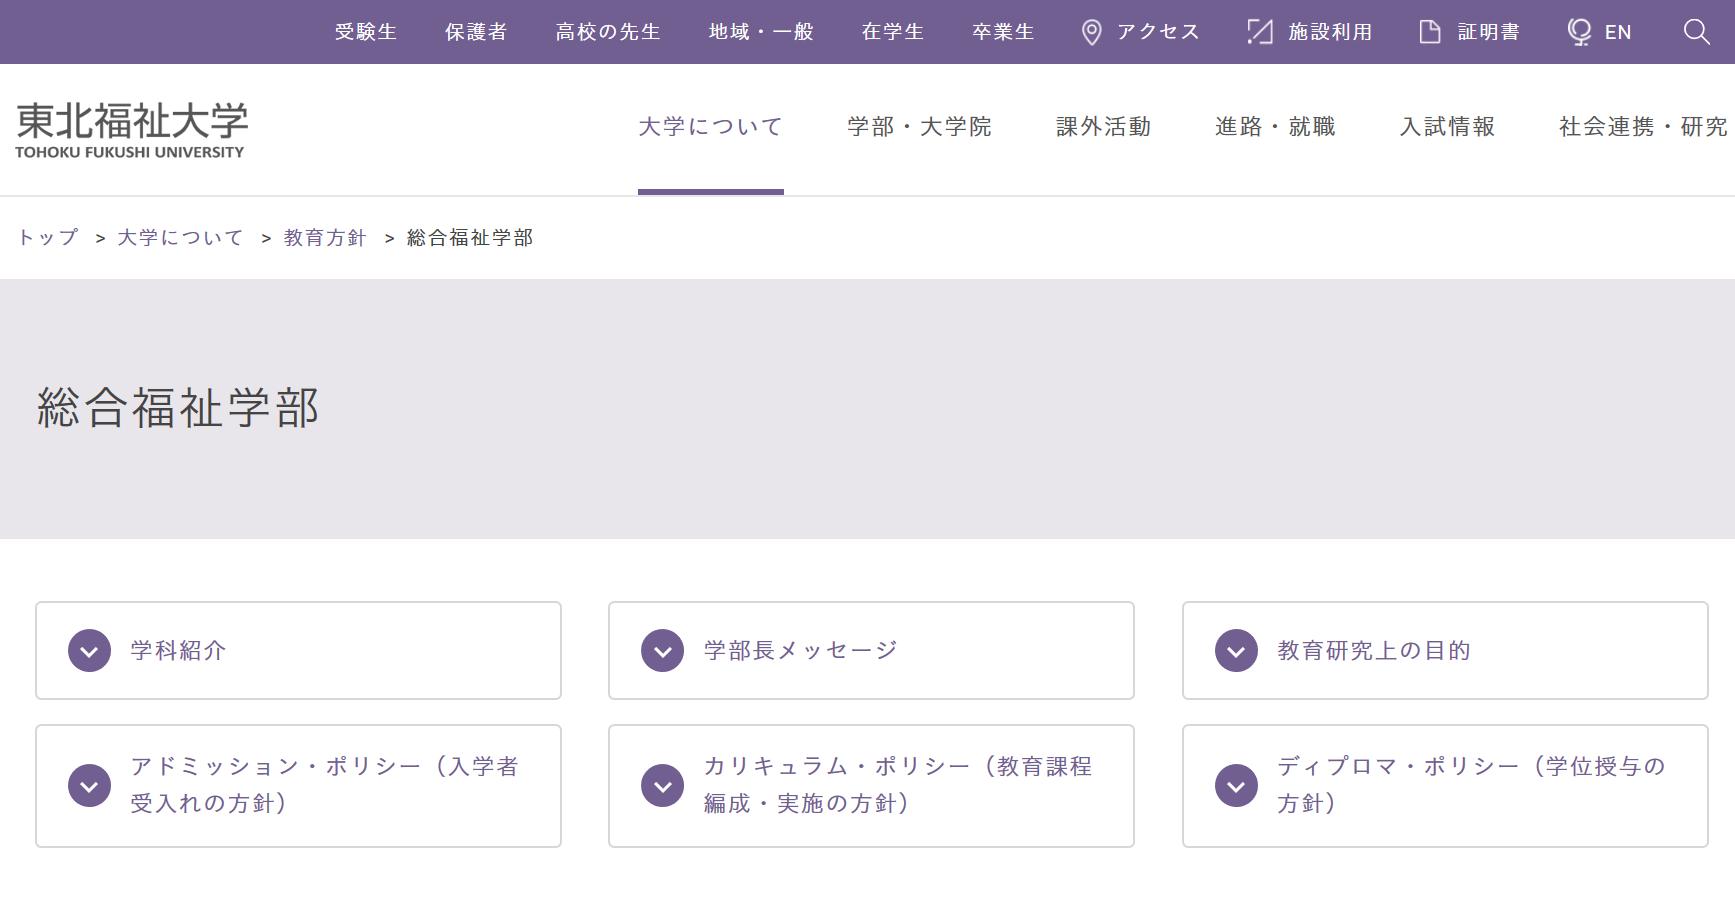 東北福祉大学の評判・口コミ【総合福祉学部編】